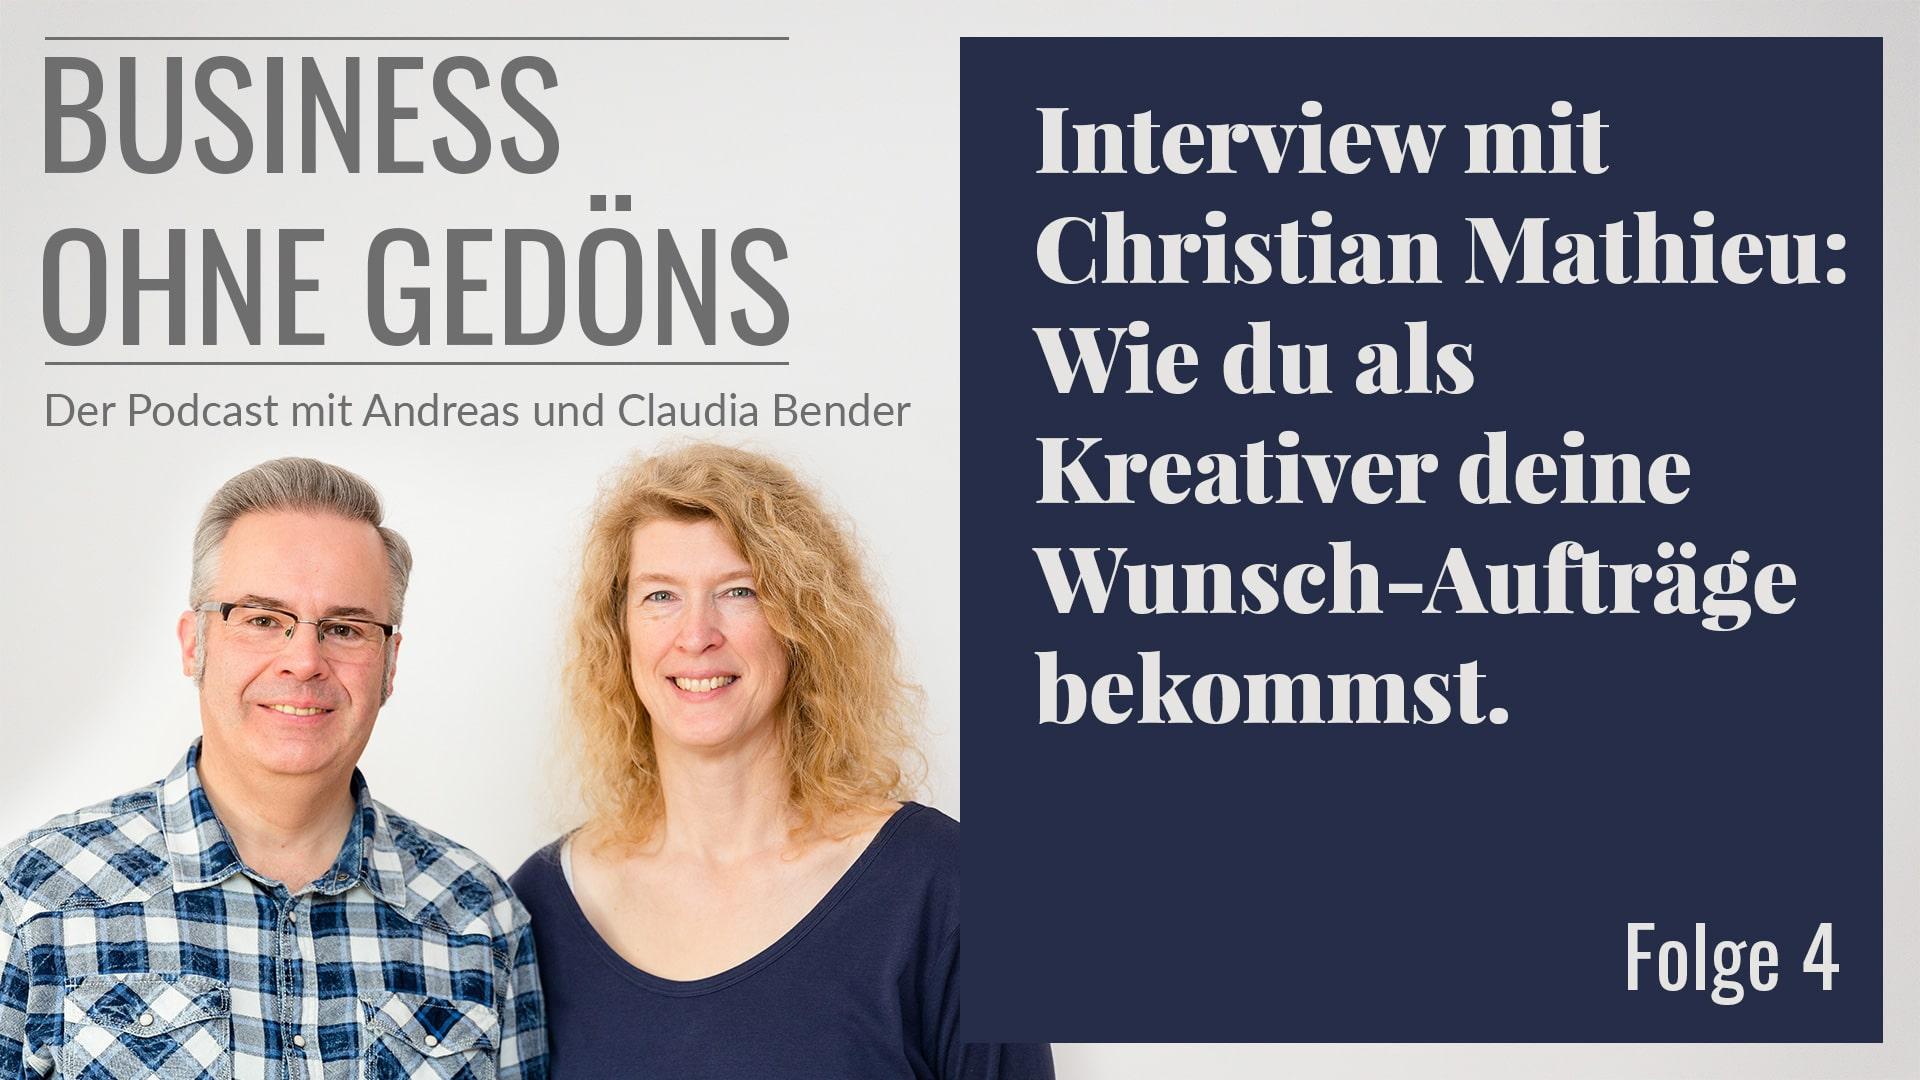 BOG 004 – Interview mit Christian Mathieu: Wie du als Kreativer deine Wunsch-Aufträge bekommst.